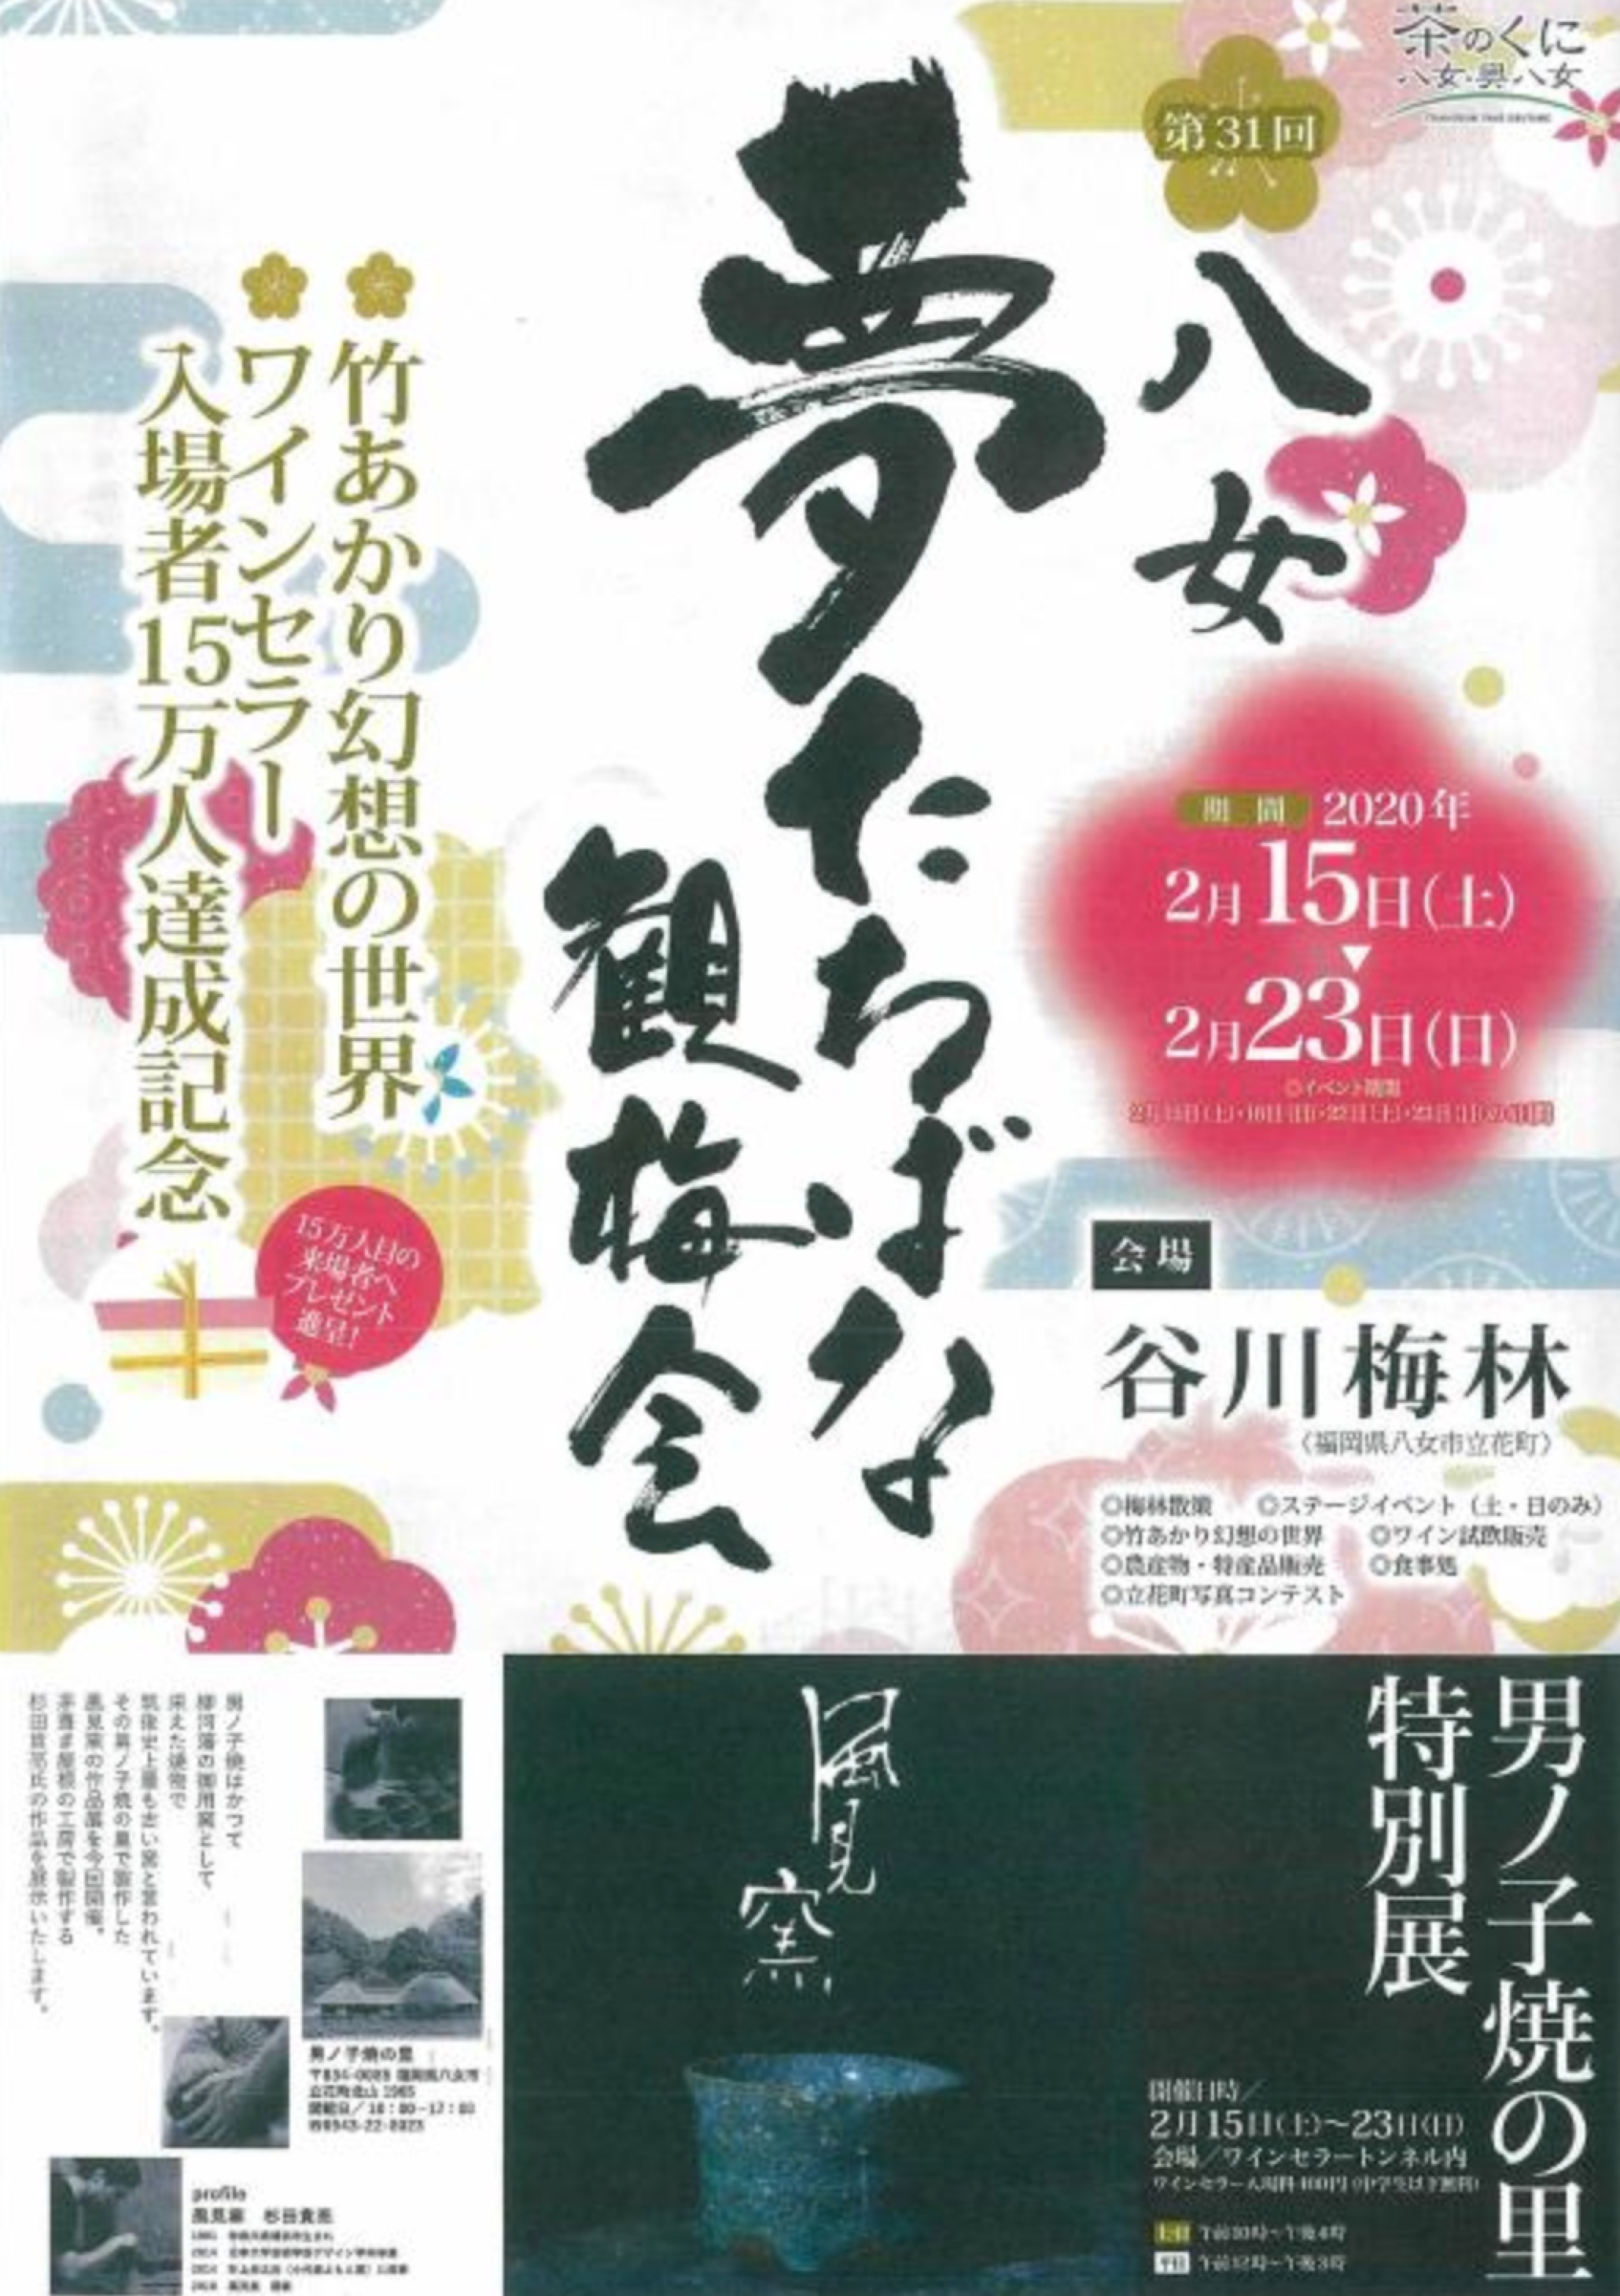 八女 夢たちばな観梅会2020 谷川梅林 九州有数の梅の産地